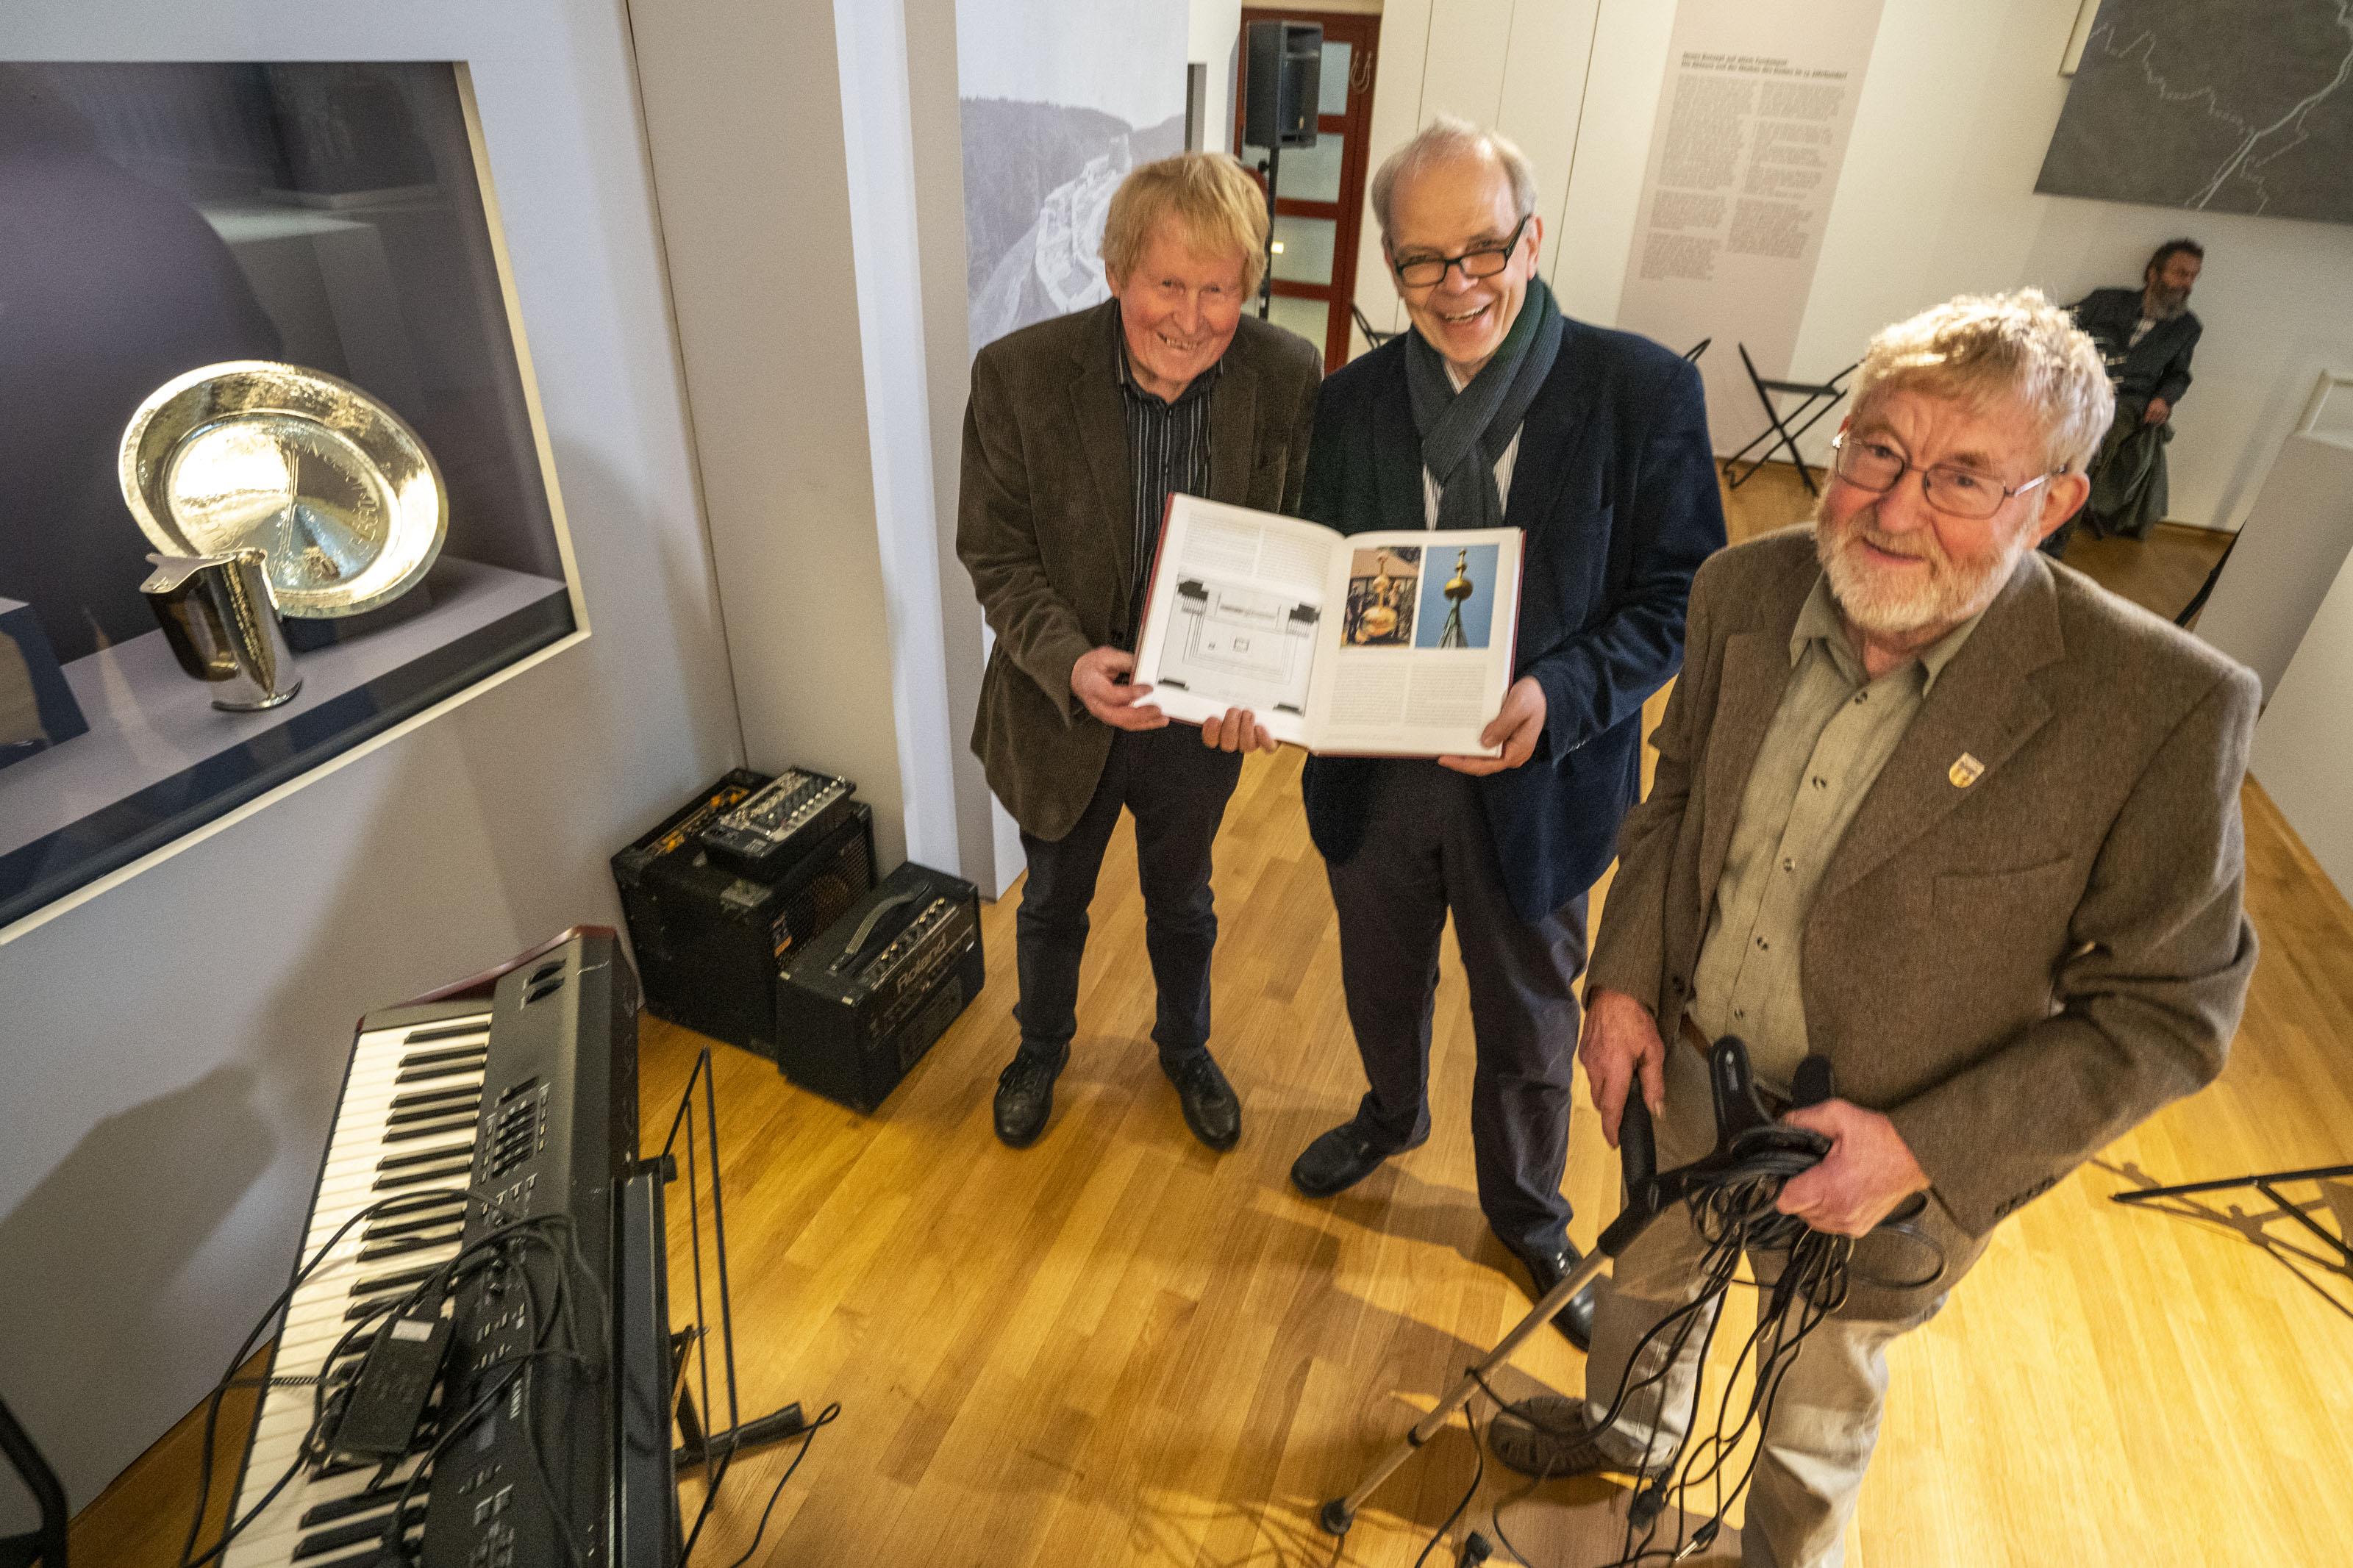 Michael Winkelmann, Christoph Stiegemann und Christoph Winkelmann